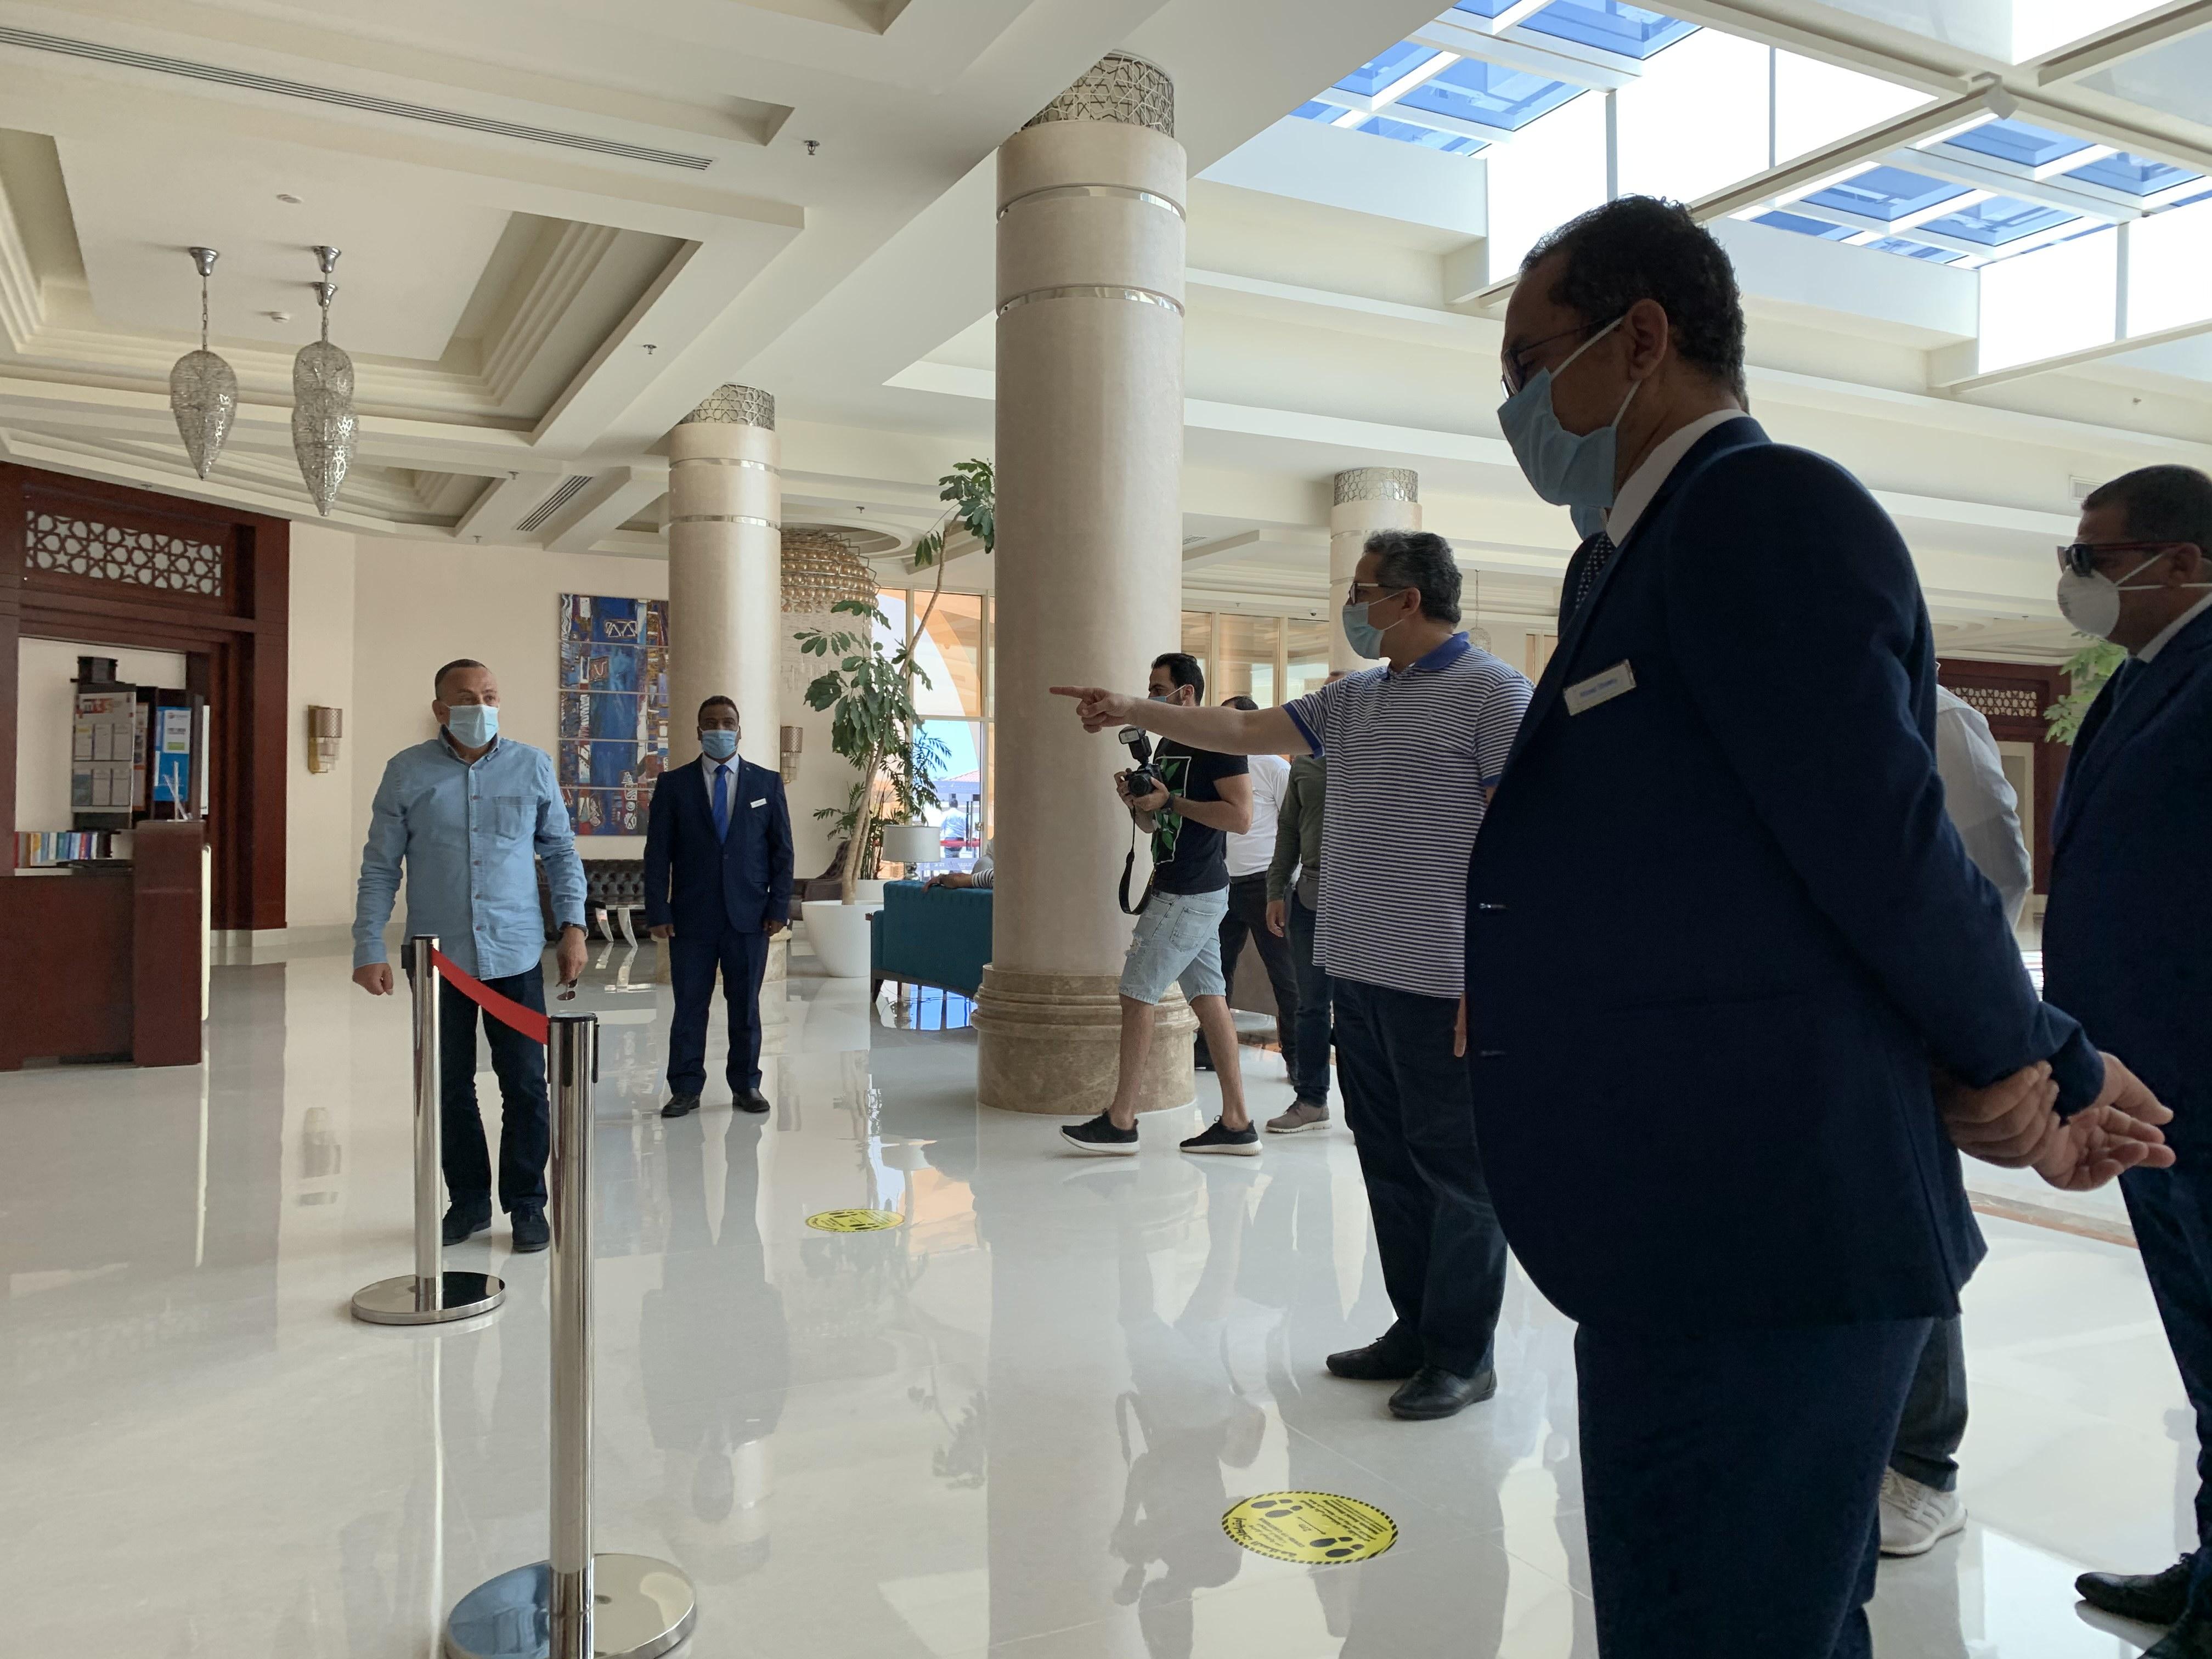 وزير السياحة يتفقد الضوابط بفنادق الغردقة  (6)